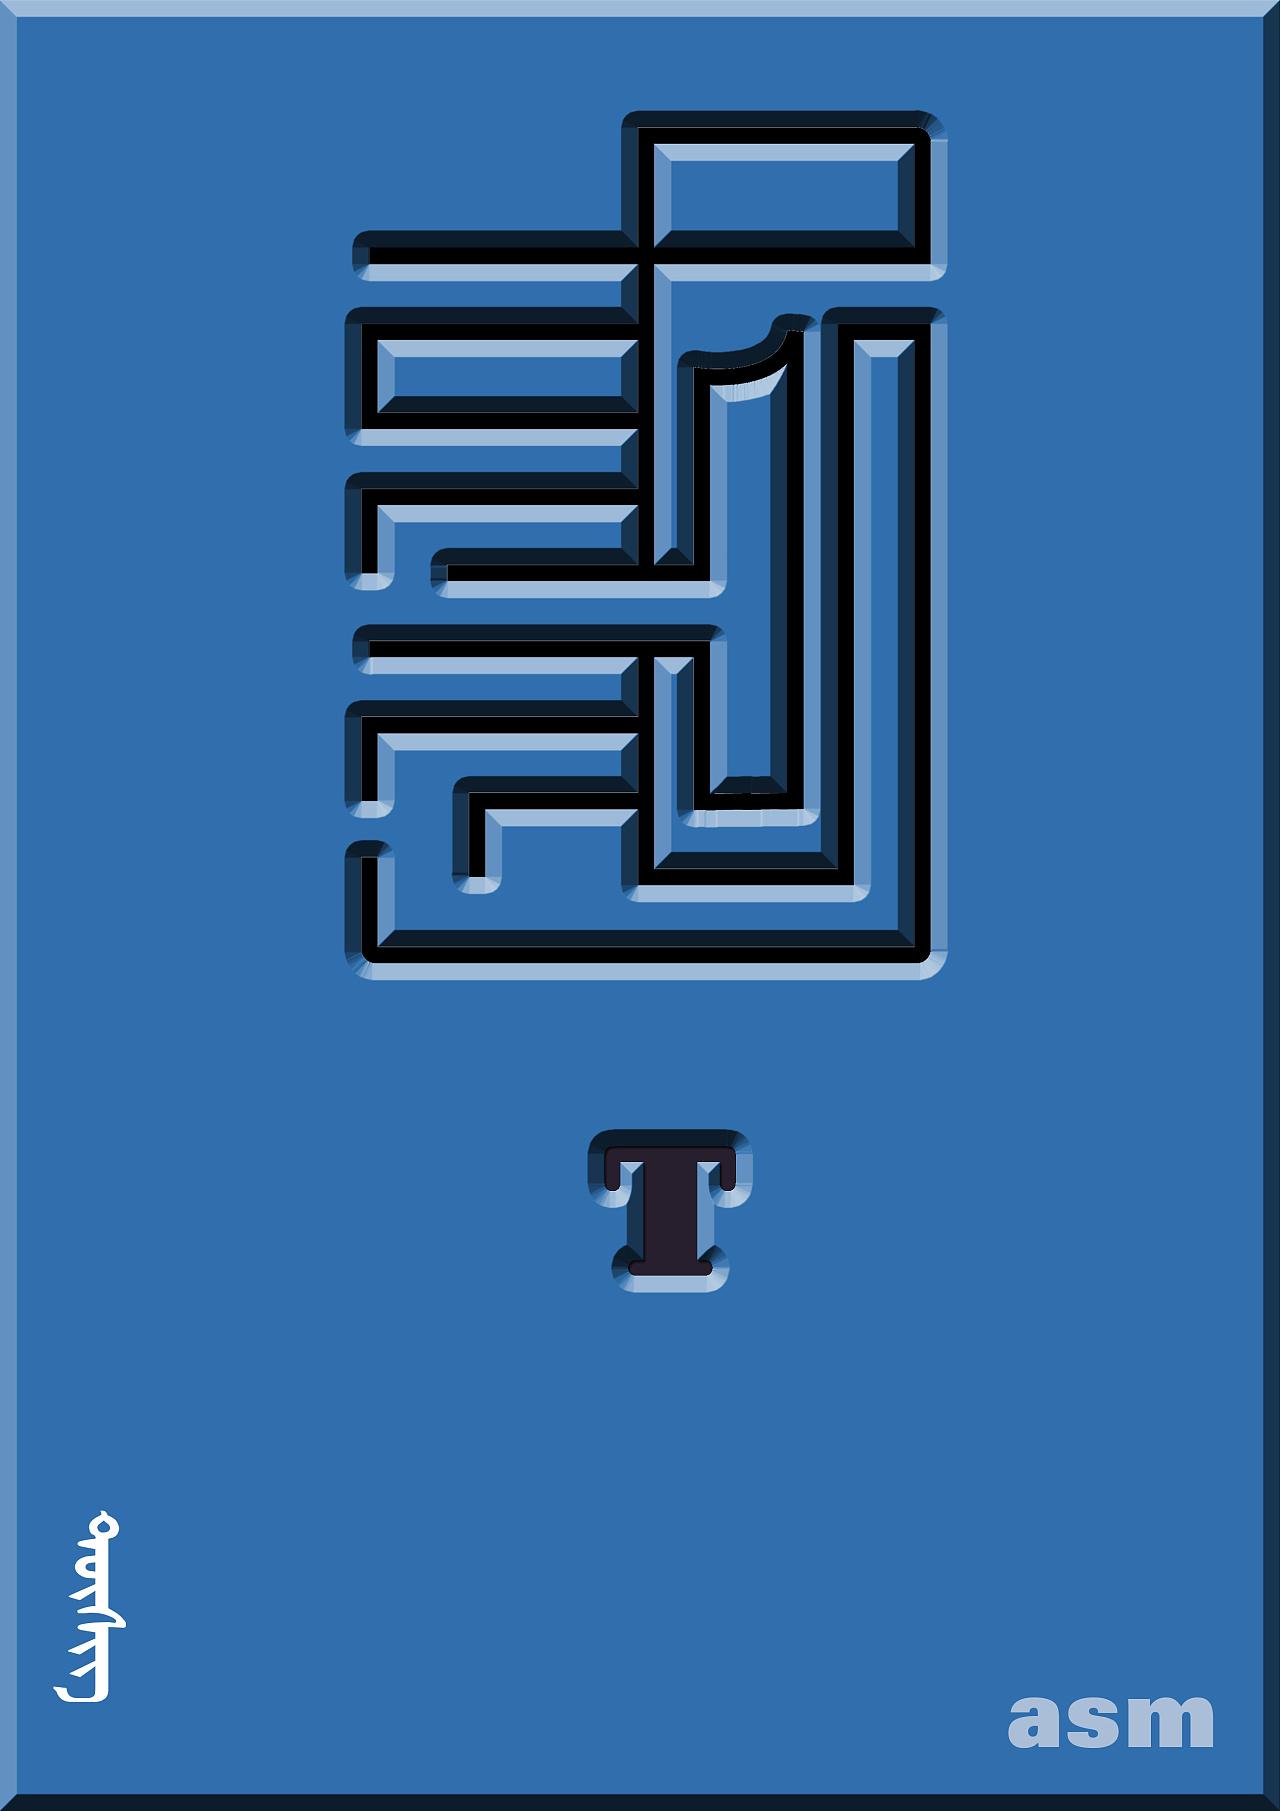 蒙古艺术文字 -阿斯玛设计 第3张